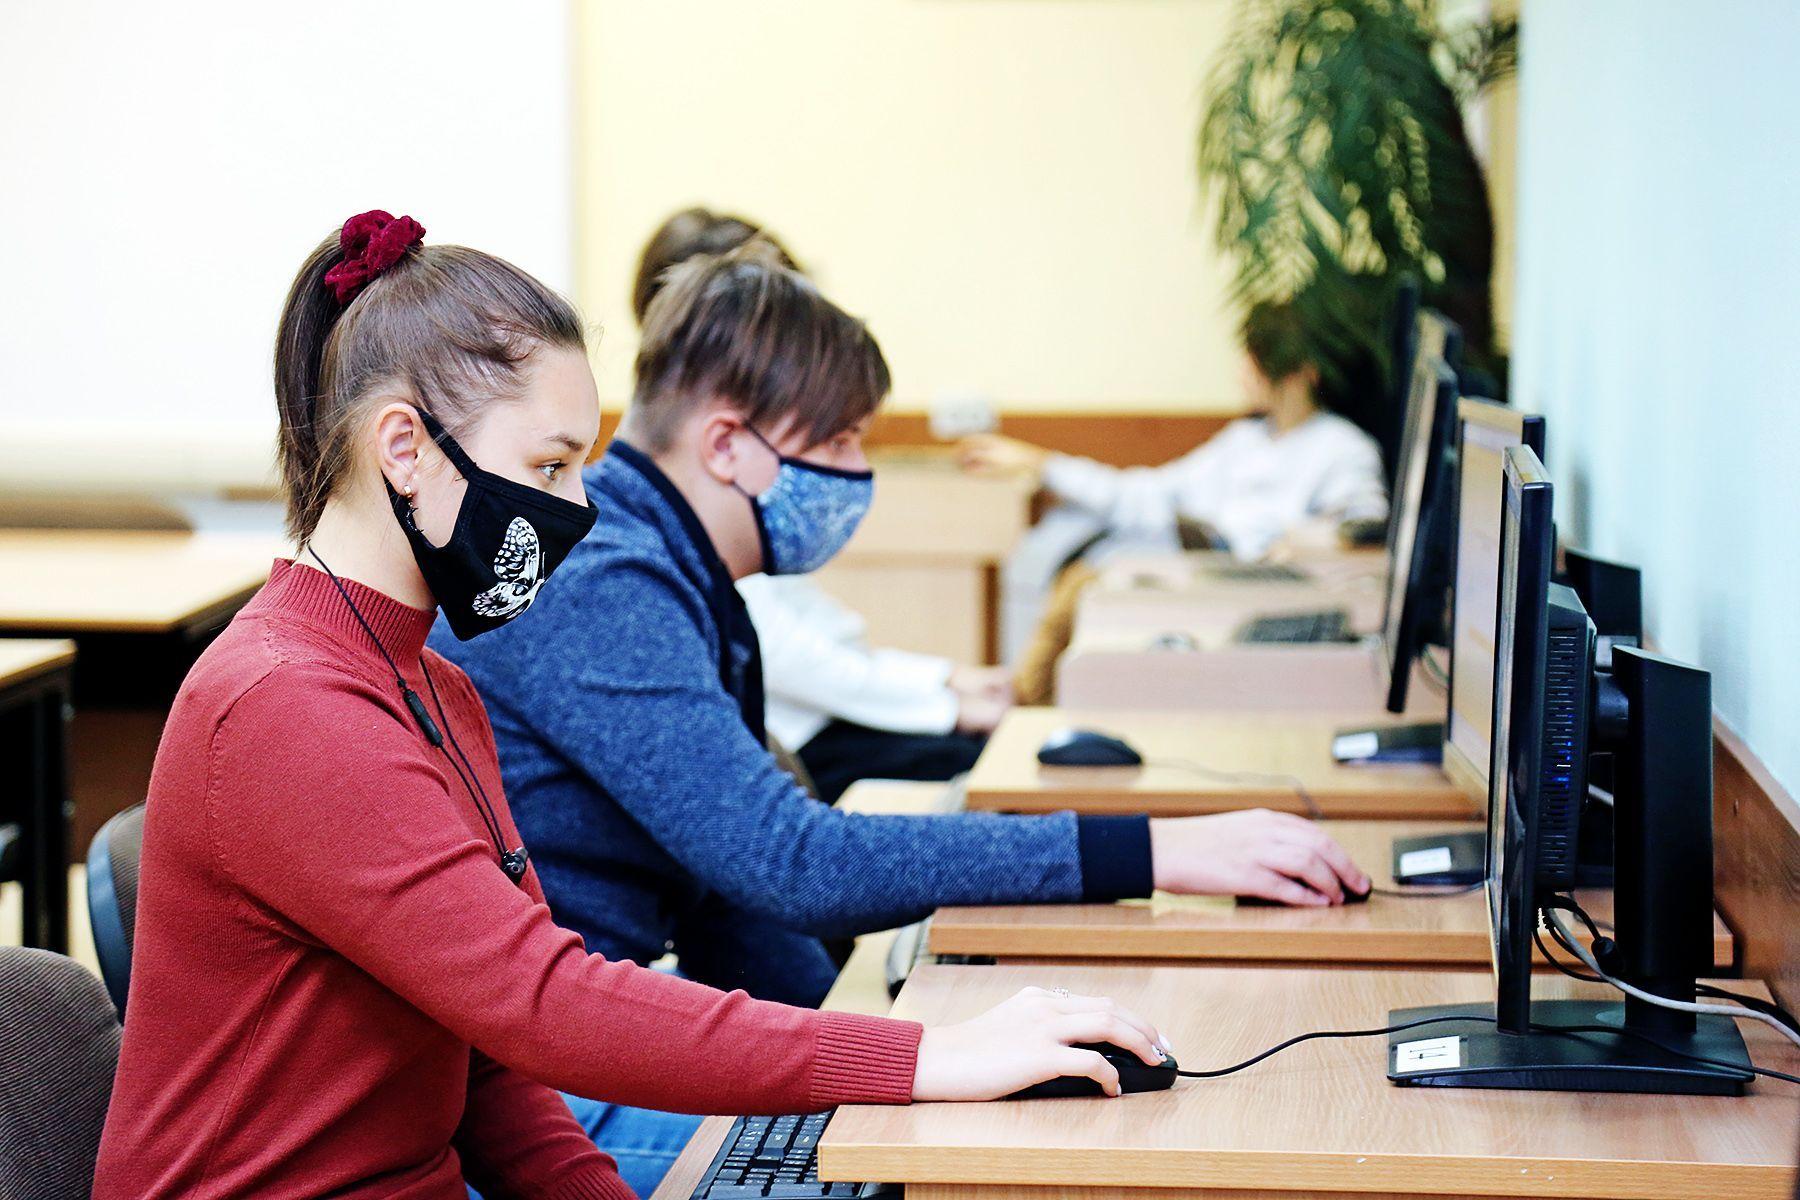 Стать успешным и реализоваться в профессии: школьники Владивостока проходят профтестирование во ВГУЭС